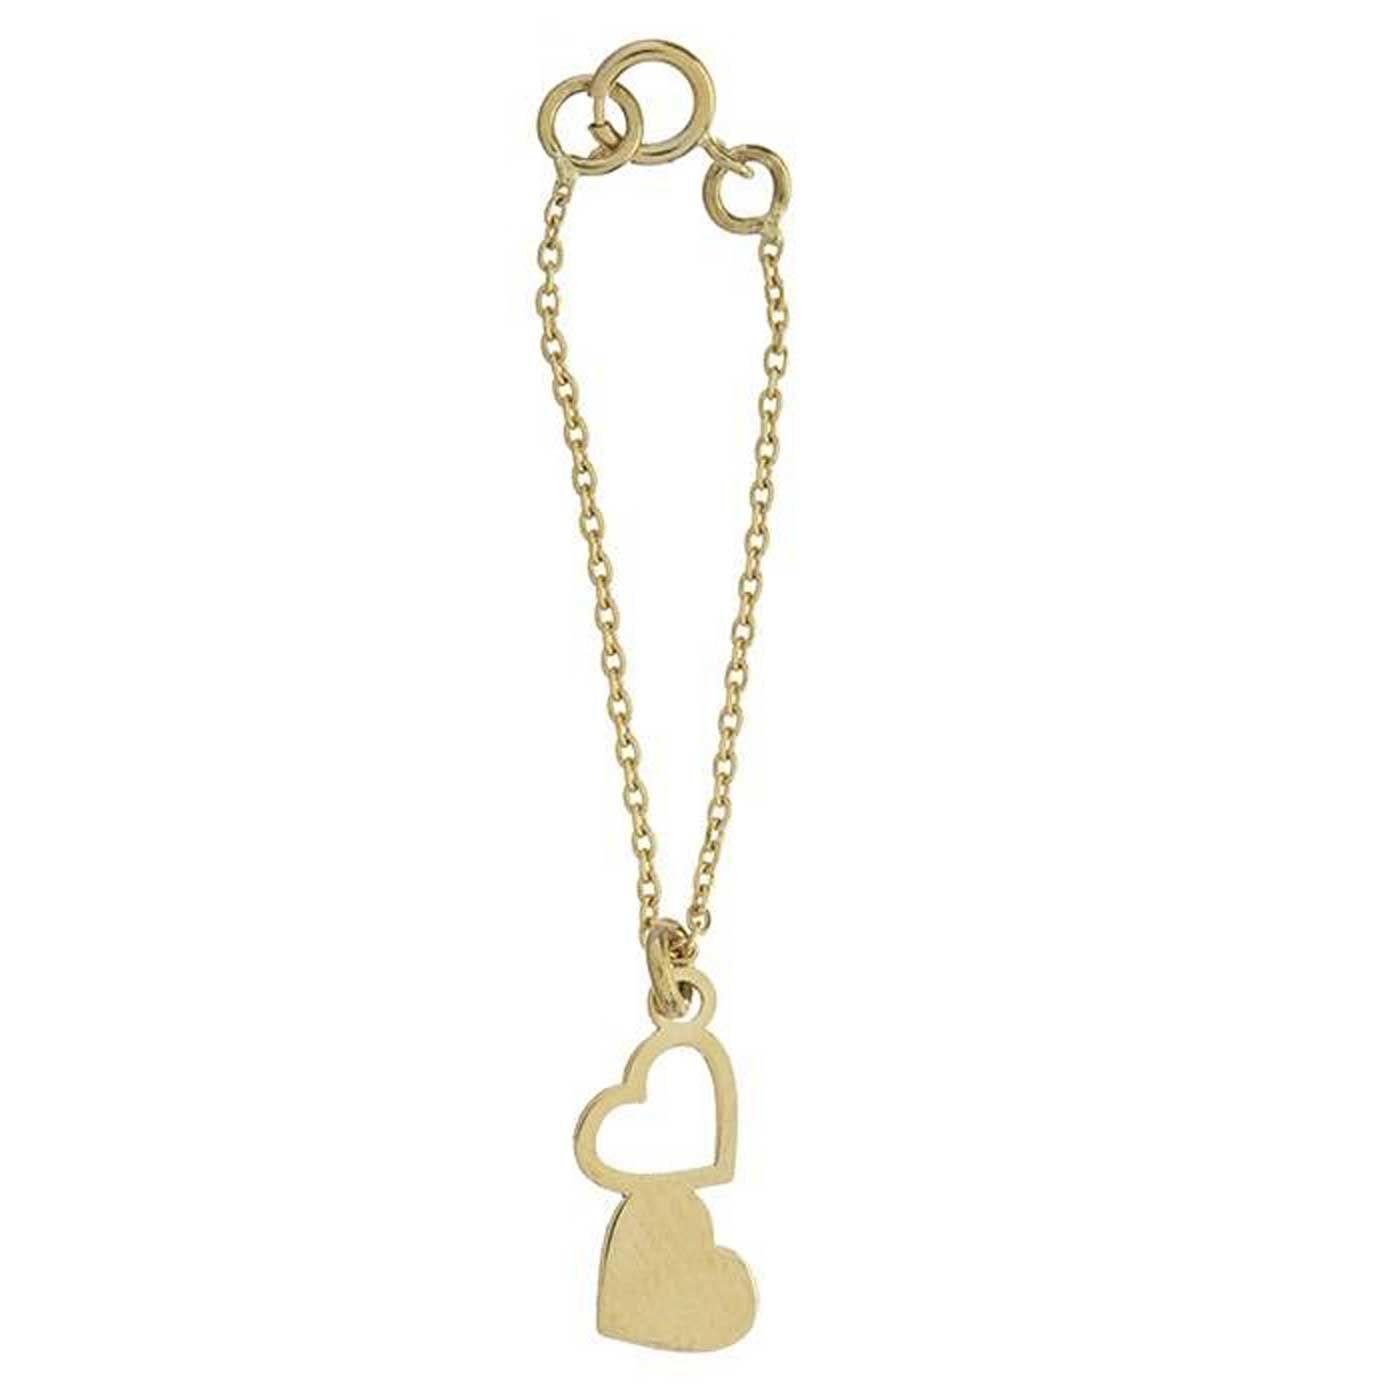 آویز ساعت طلا 18 عیار زنانه کانیار گالری کد AS38 -  - 1